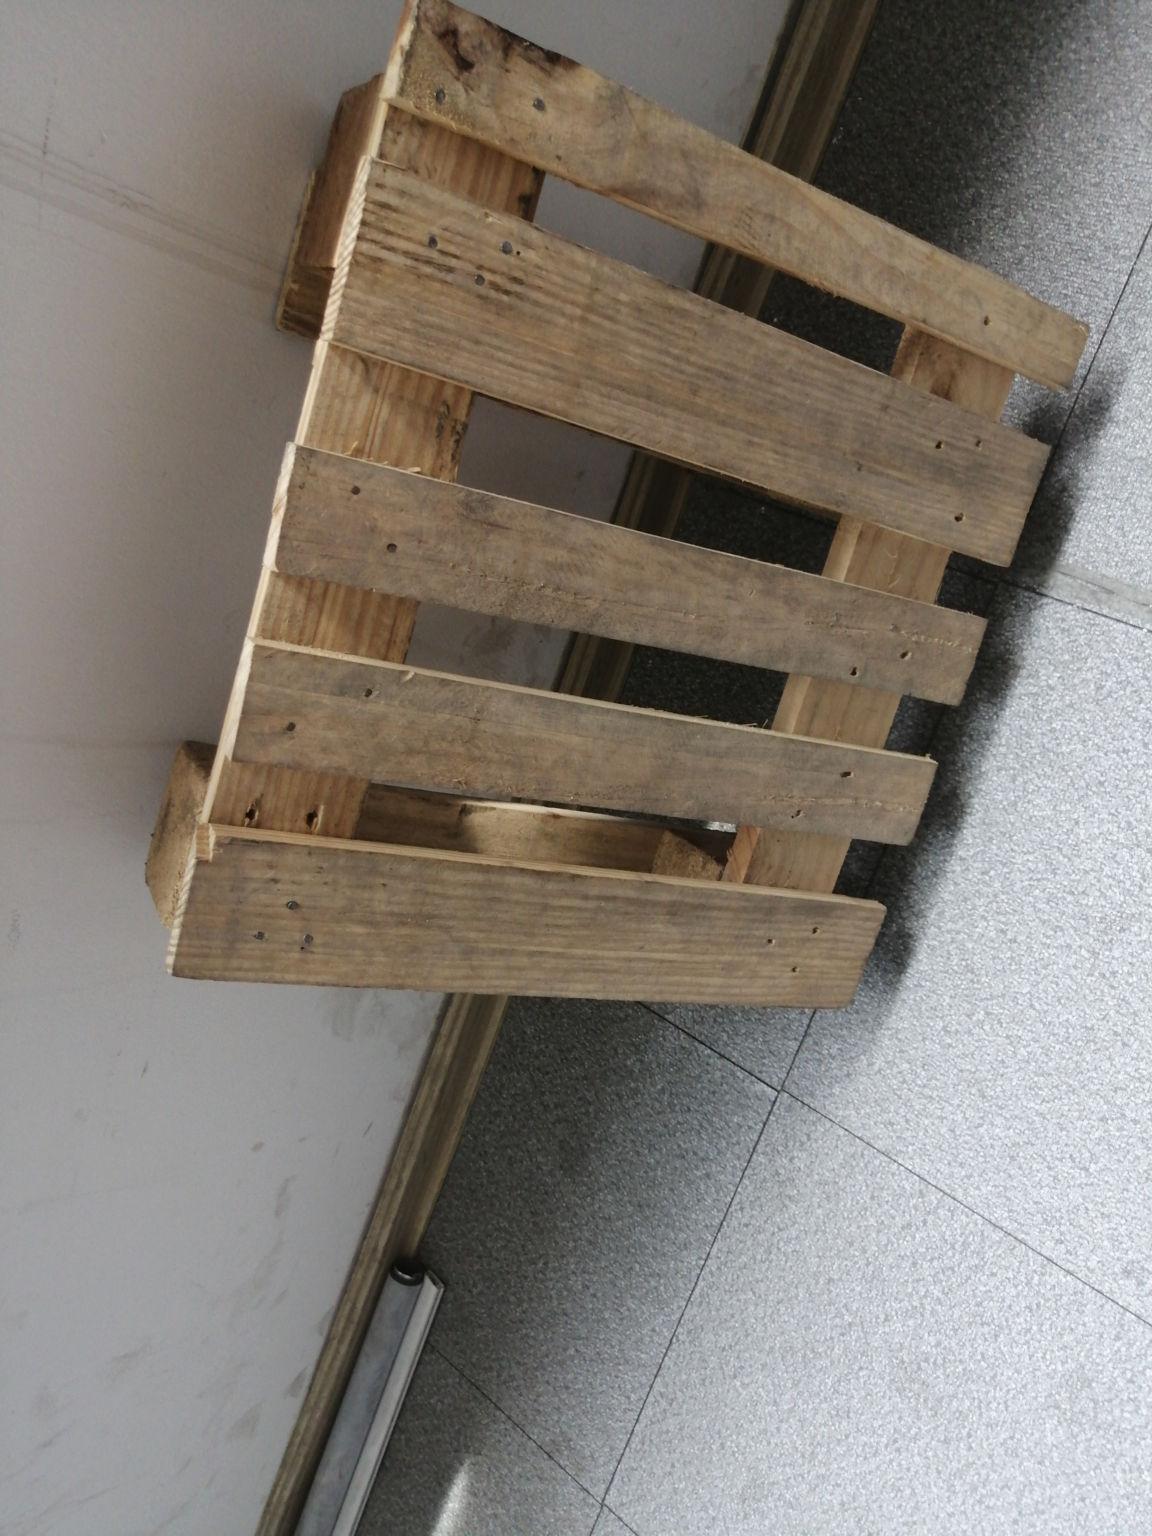 凯�,۵▄☮ ╛建筑胶合板厂家-济南康丰生态建筑材料有限公司质